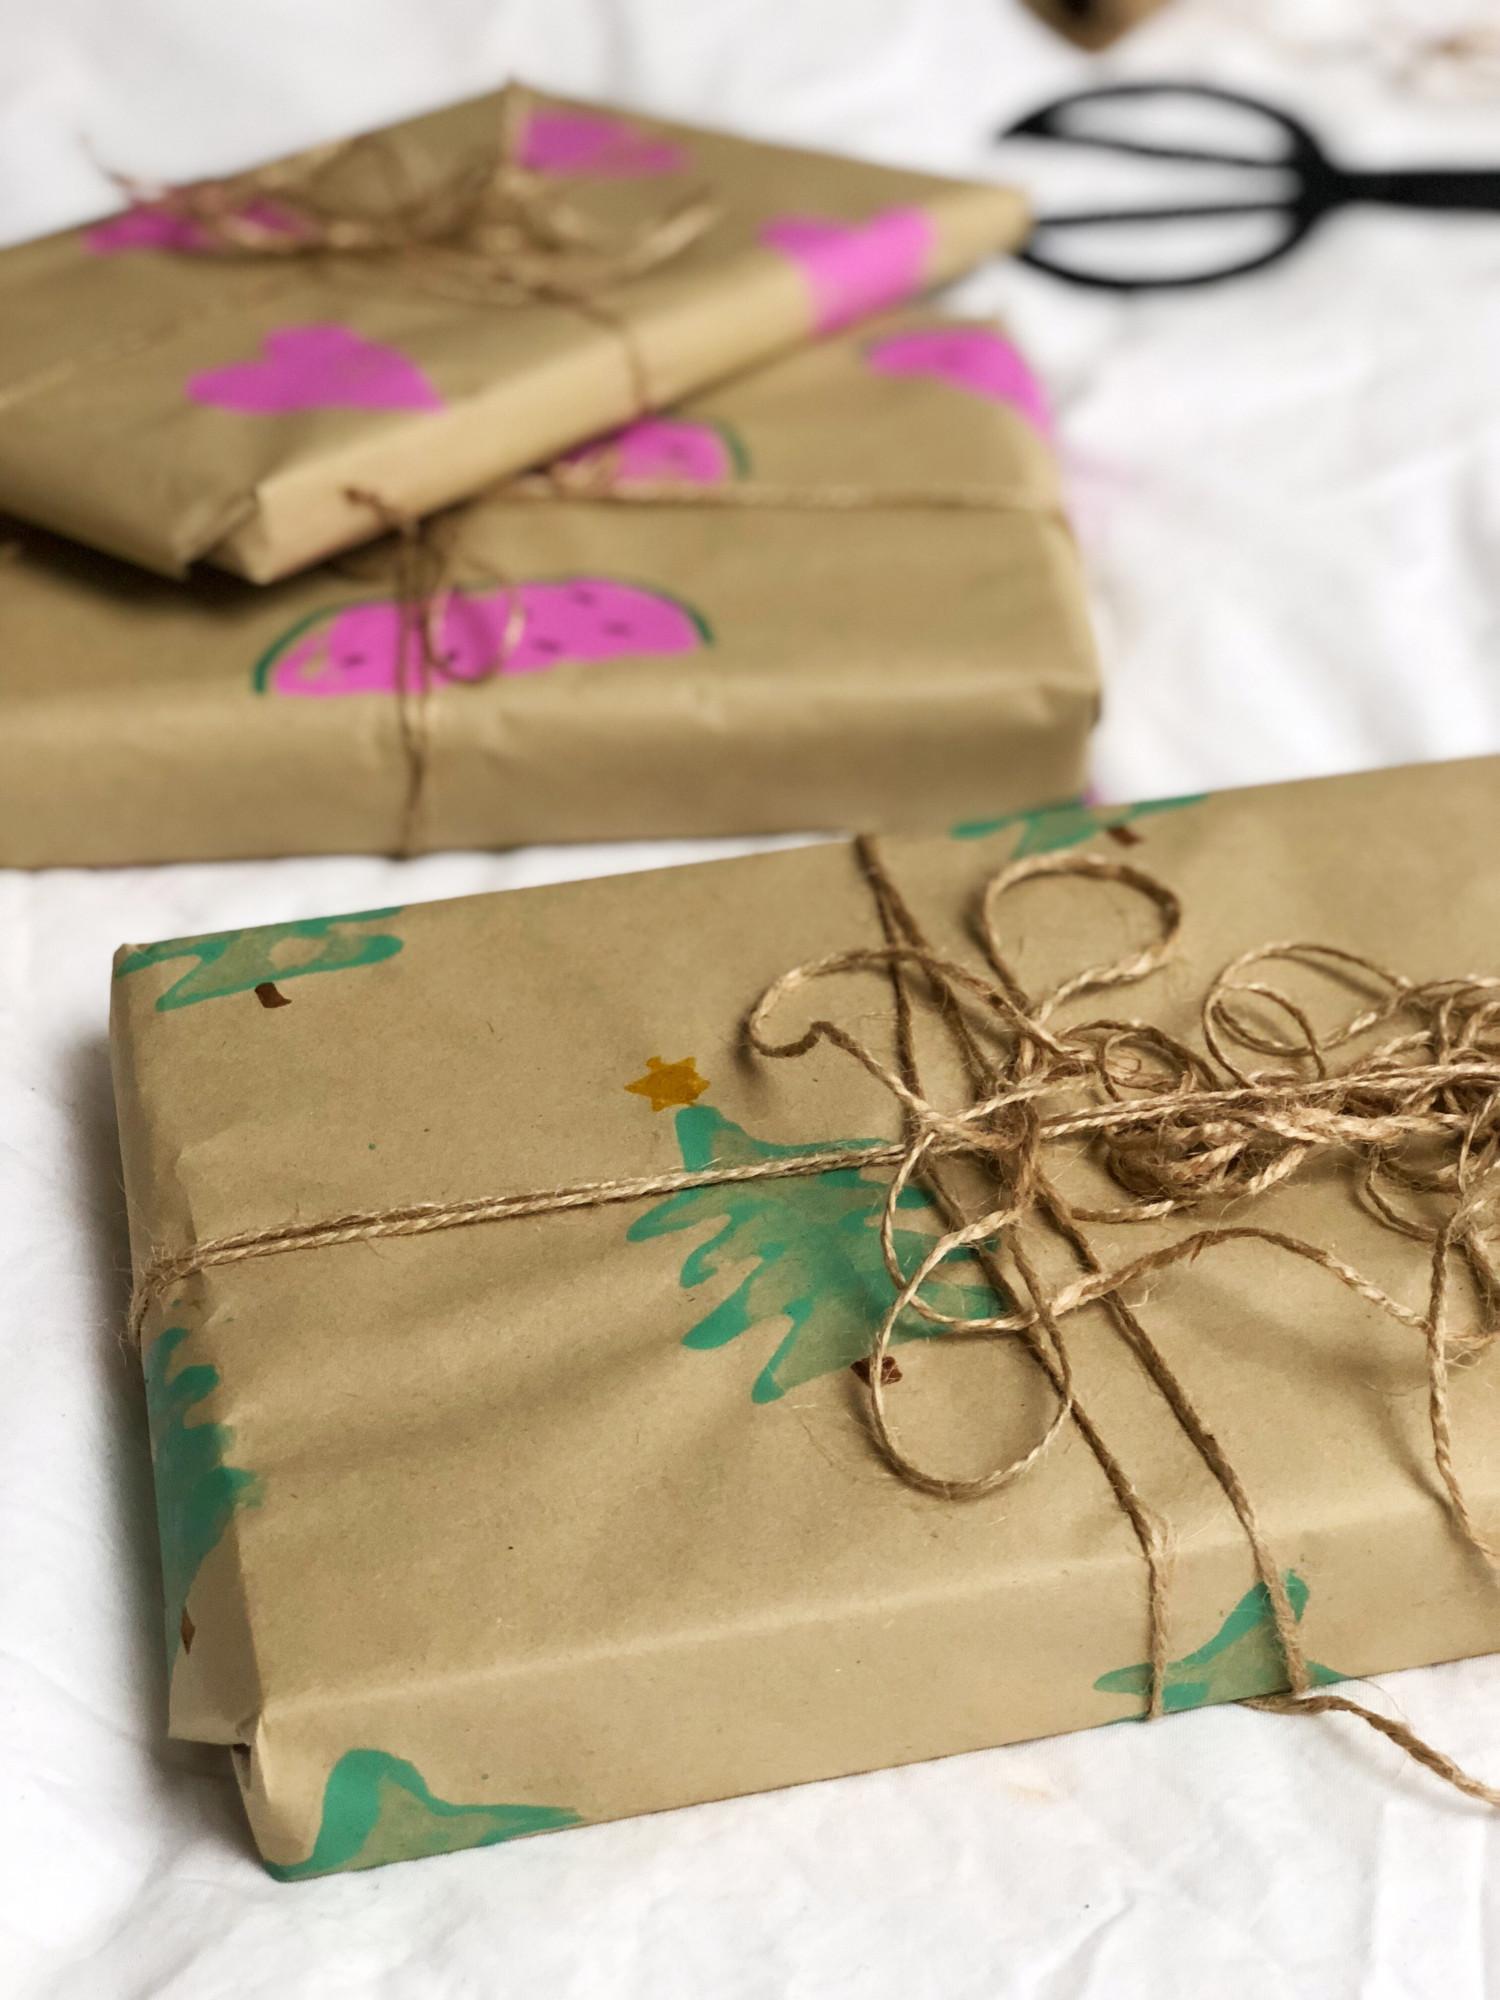 julepapir lav selv med kartoffeltryk